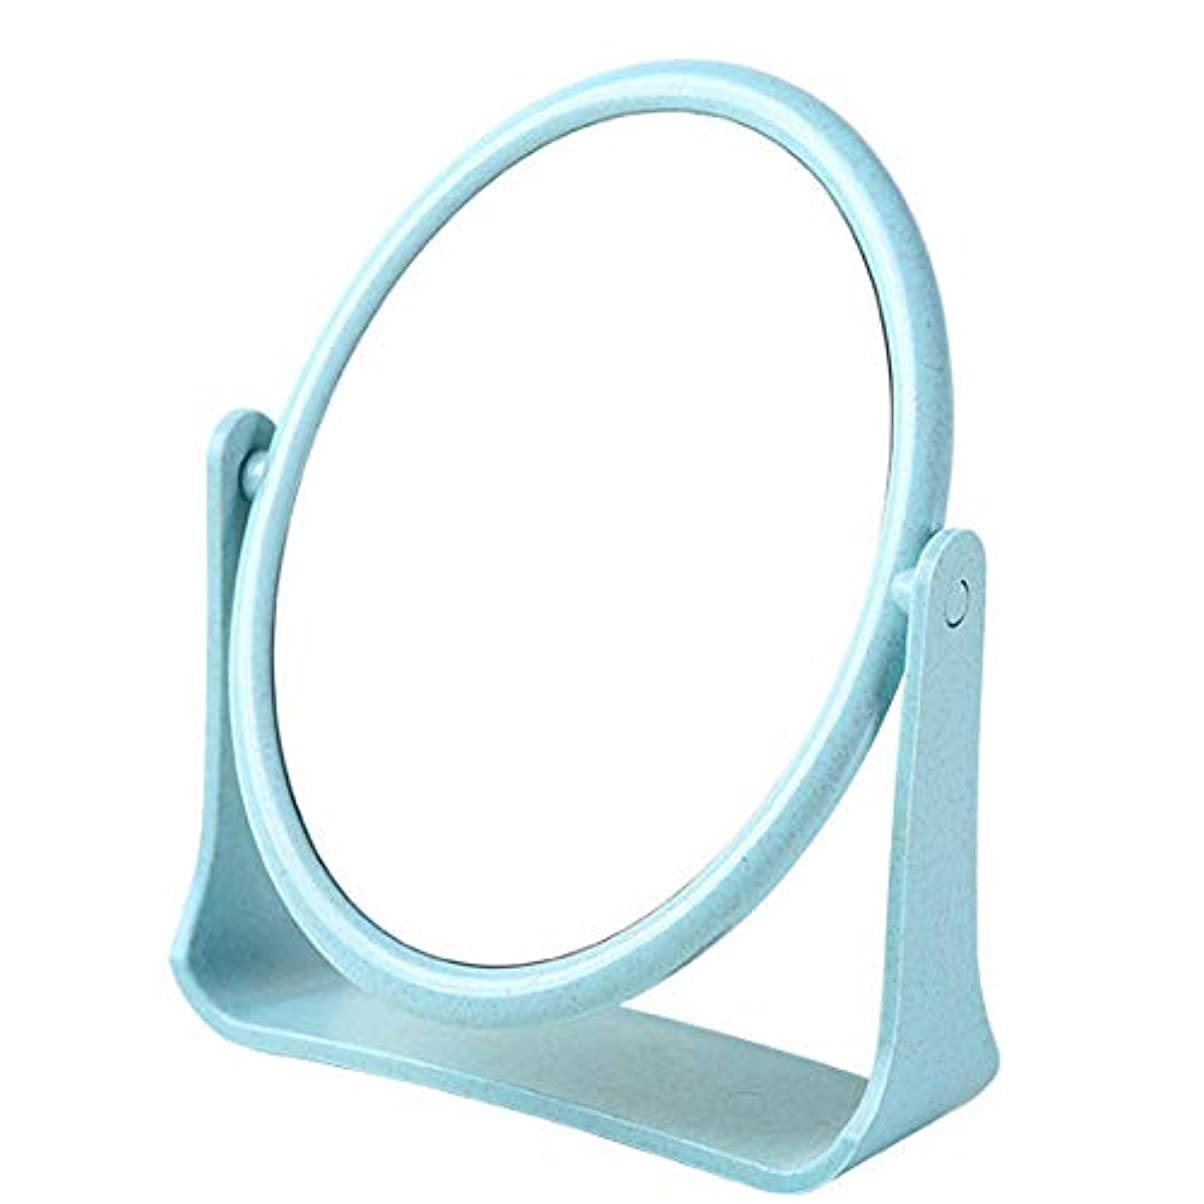 一晩疲労インサート化粧鏡 360度回転 スタンドミラー メイク両面鏡 ポータブル 多角度転換可能円形のカウンタートップ (ブルー)